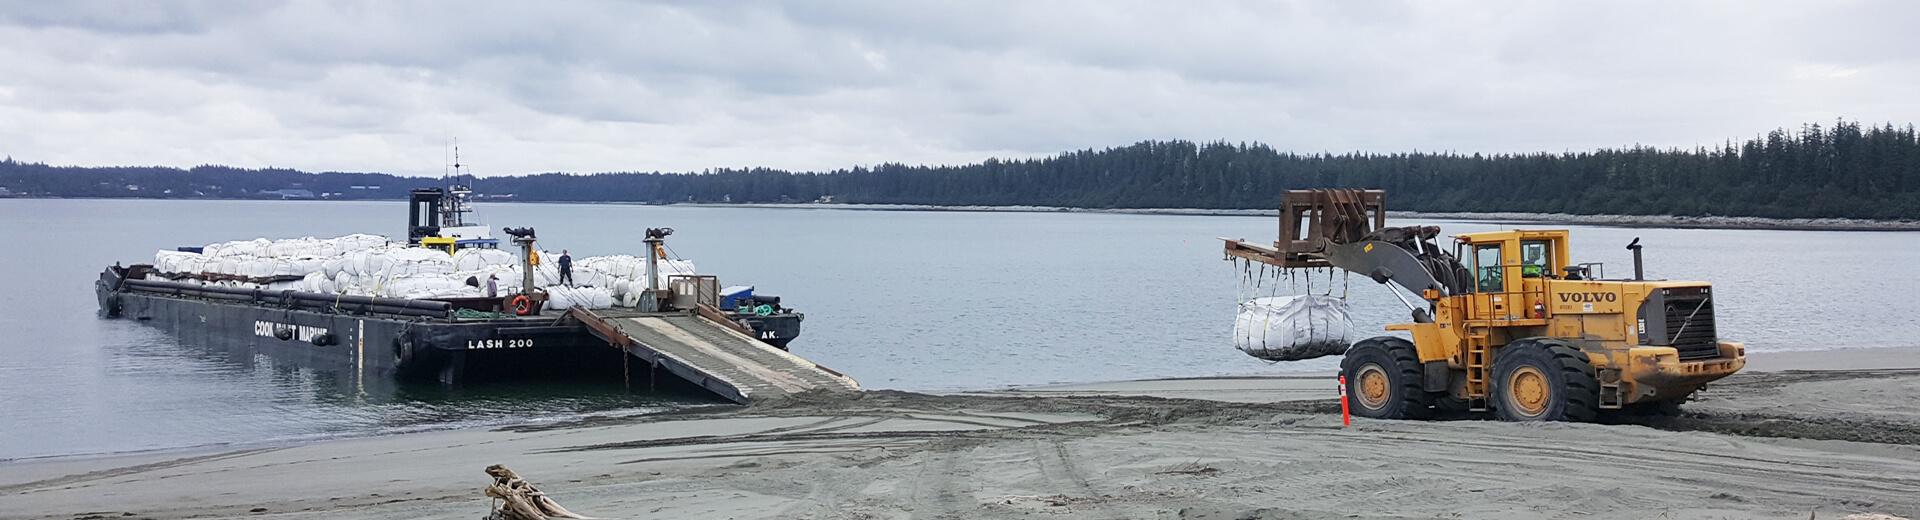 PacTec helping in Alaskan cleanup